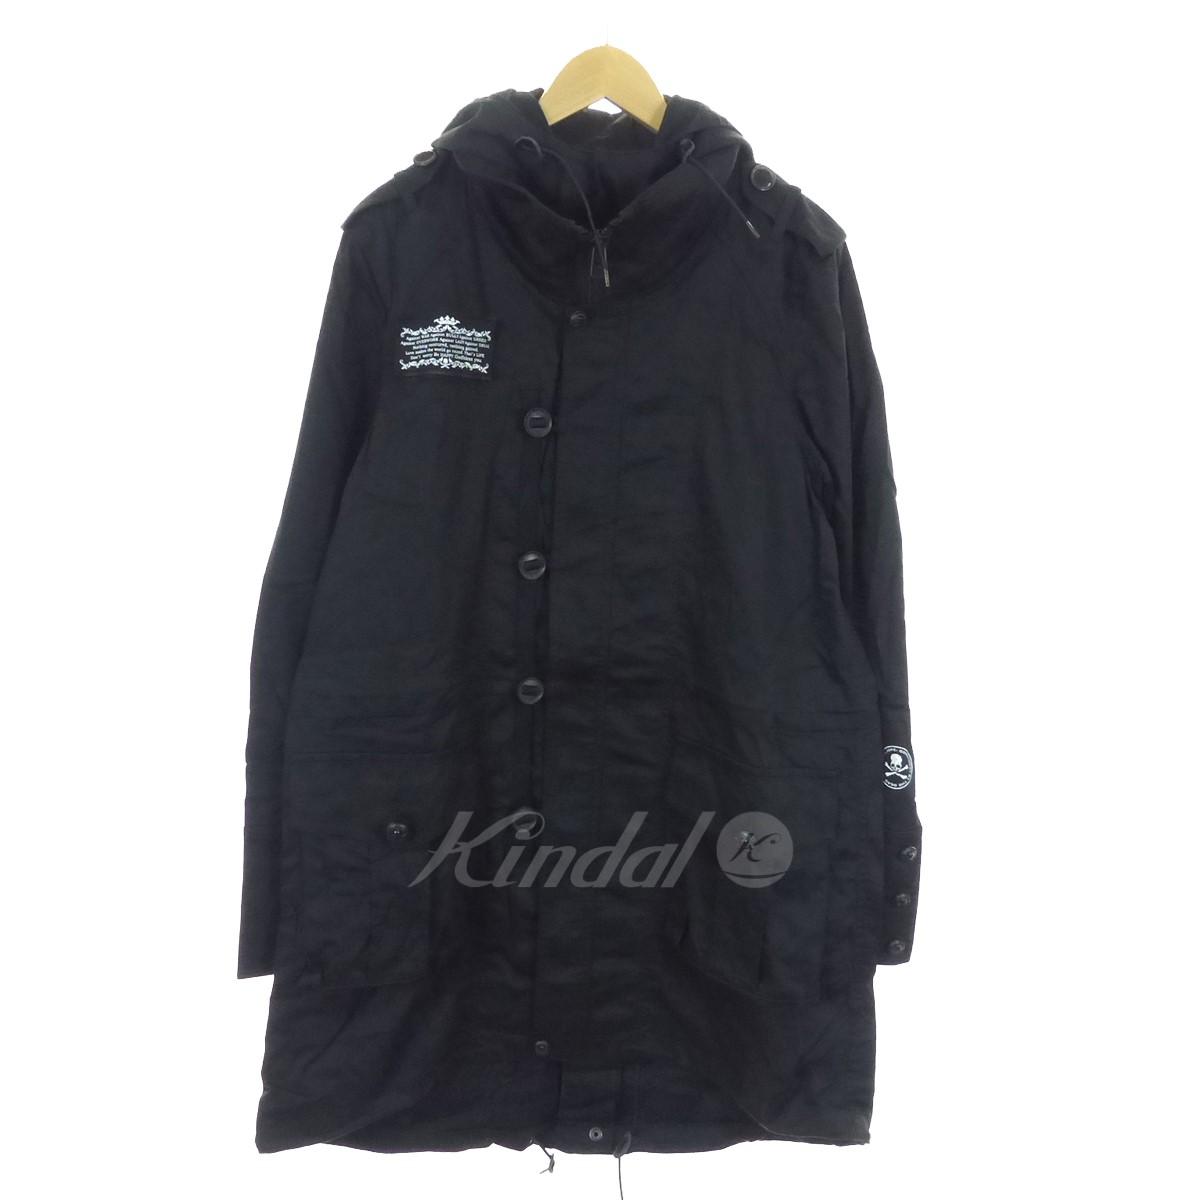 【中古】Roen ミリタリーモッズコート ブラック サイズ:44 【送料無料】 【061018】(ロエン)